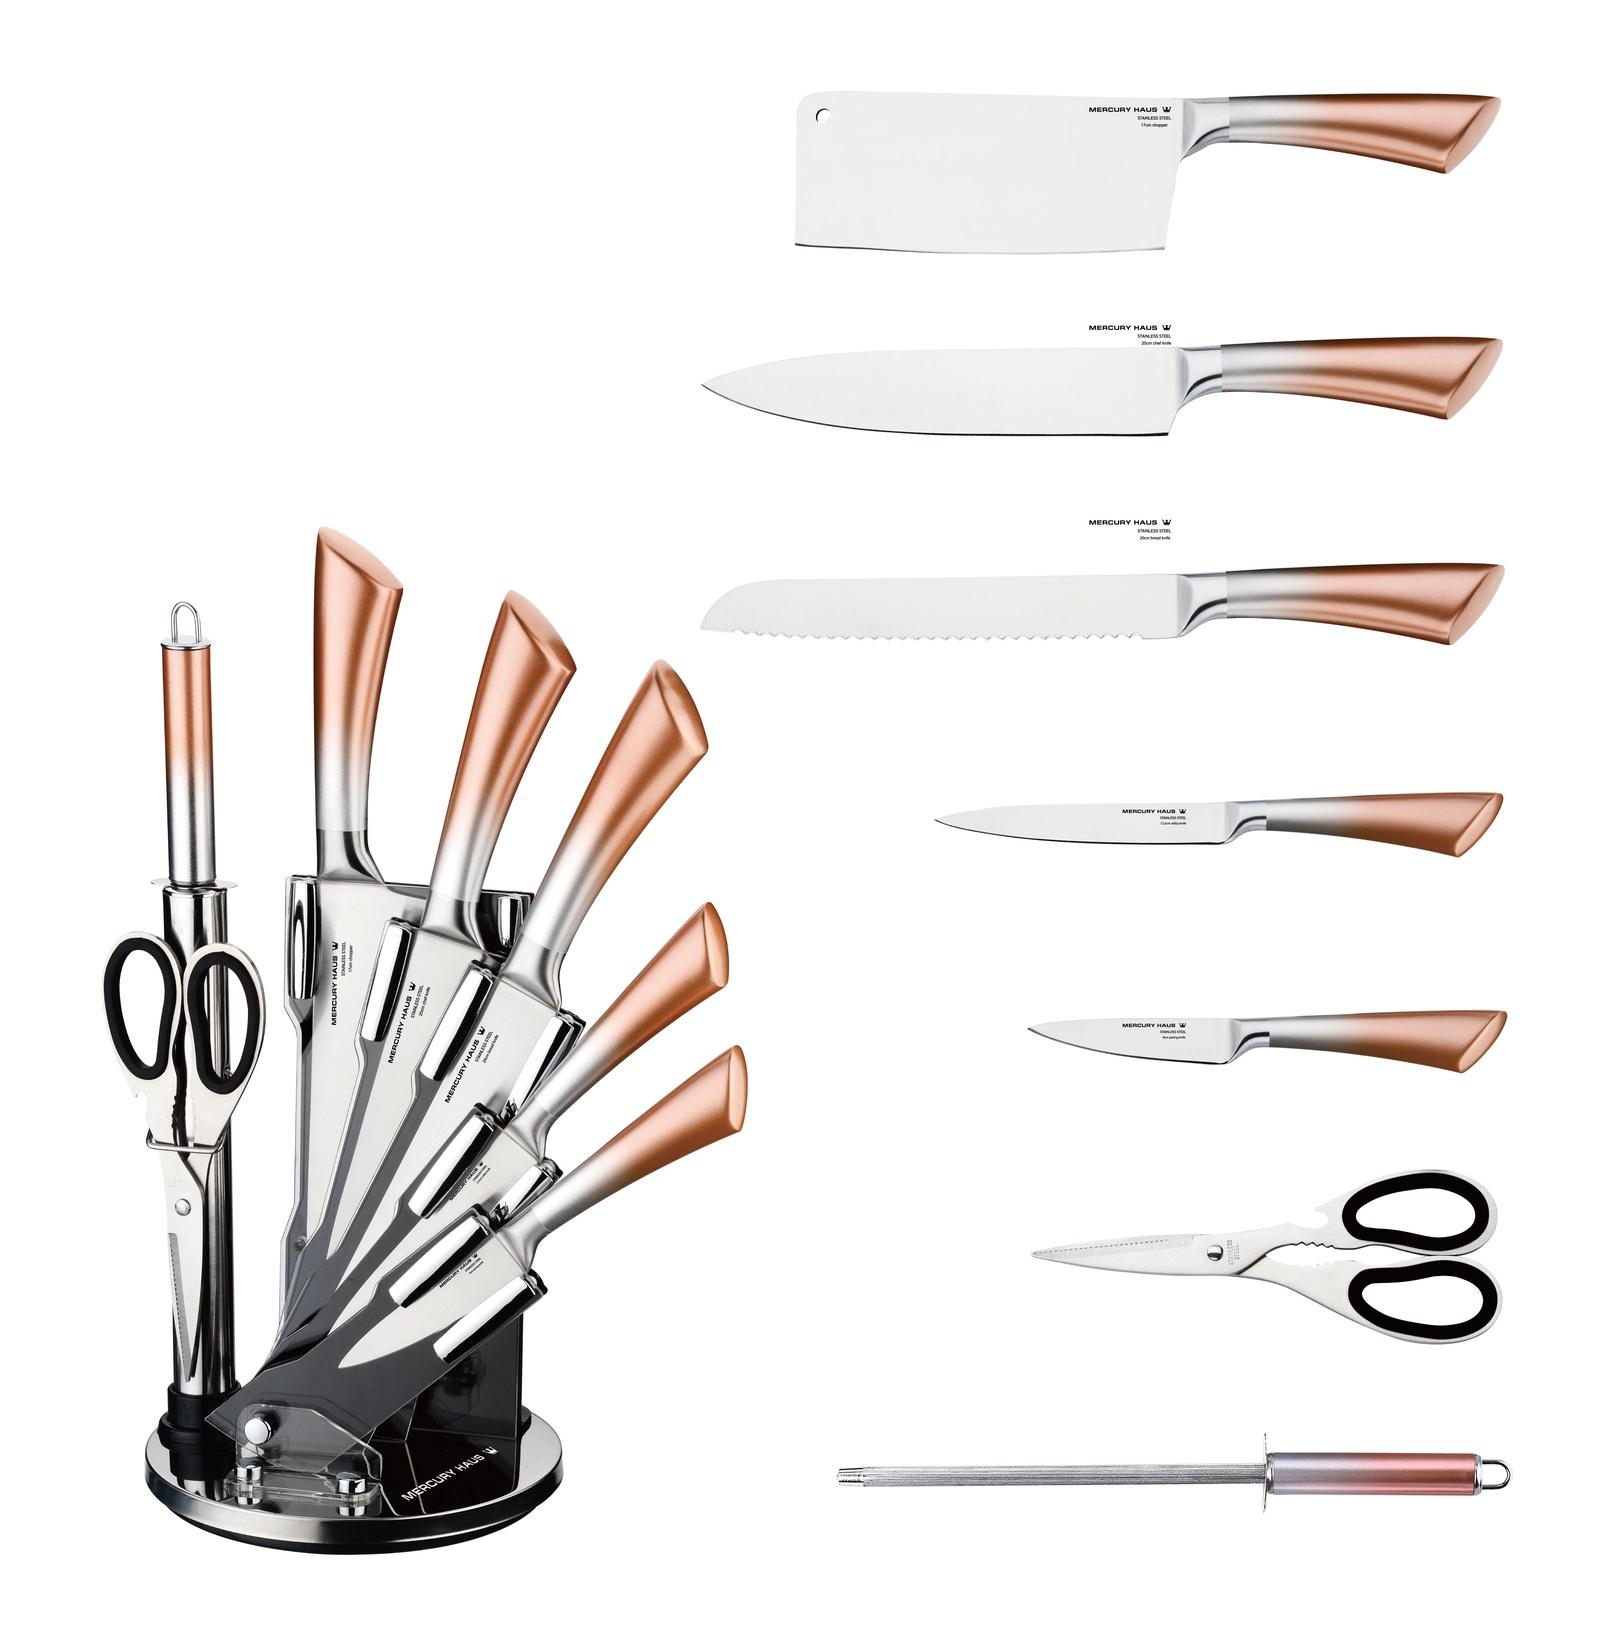 Набор кухонных ножей Mercury Haus MC - 6152, светло-коричневый набор лезвий для ножей sturm 1076 s2 18